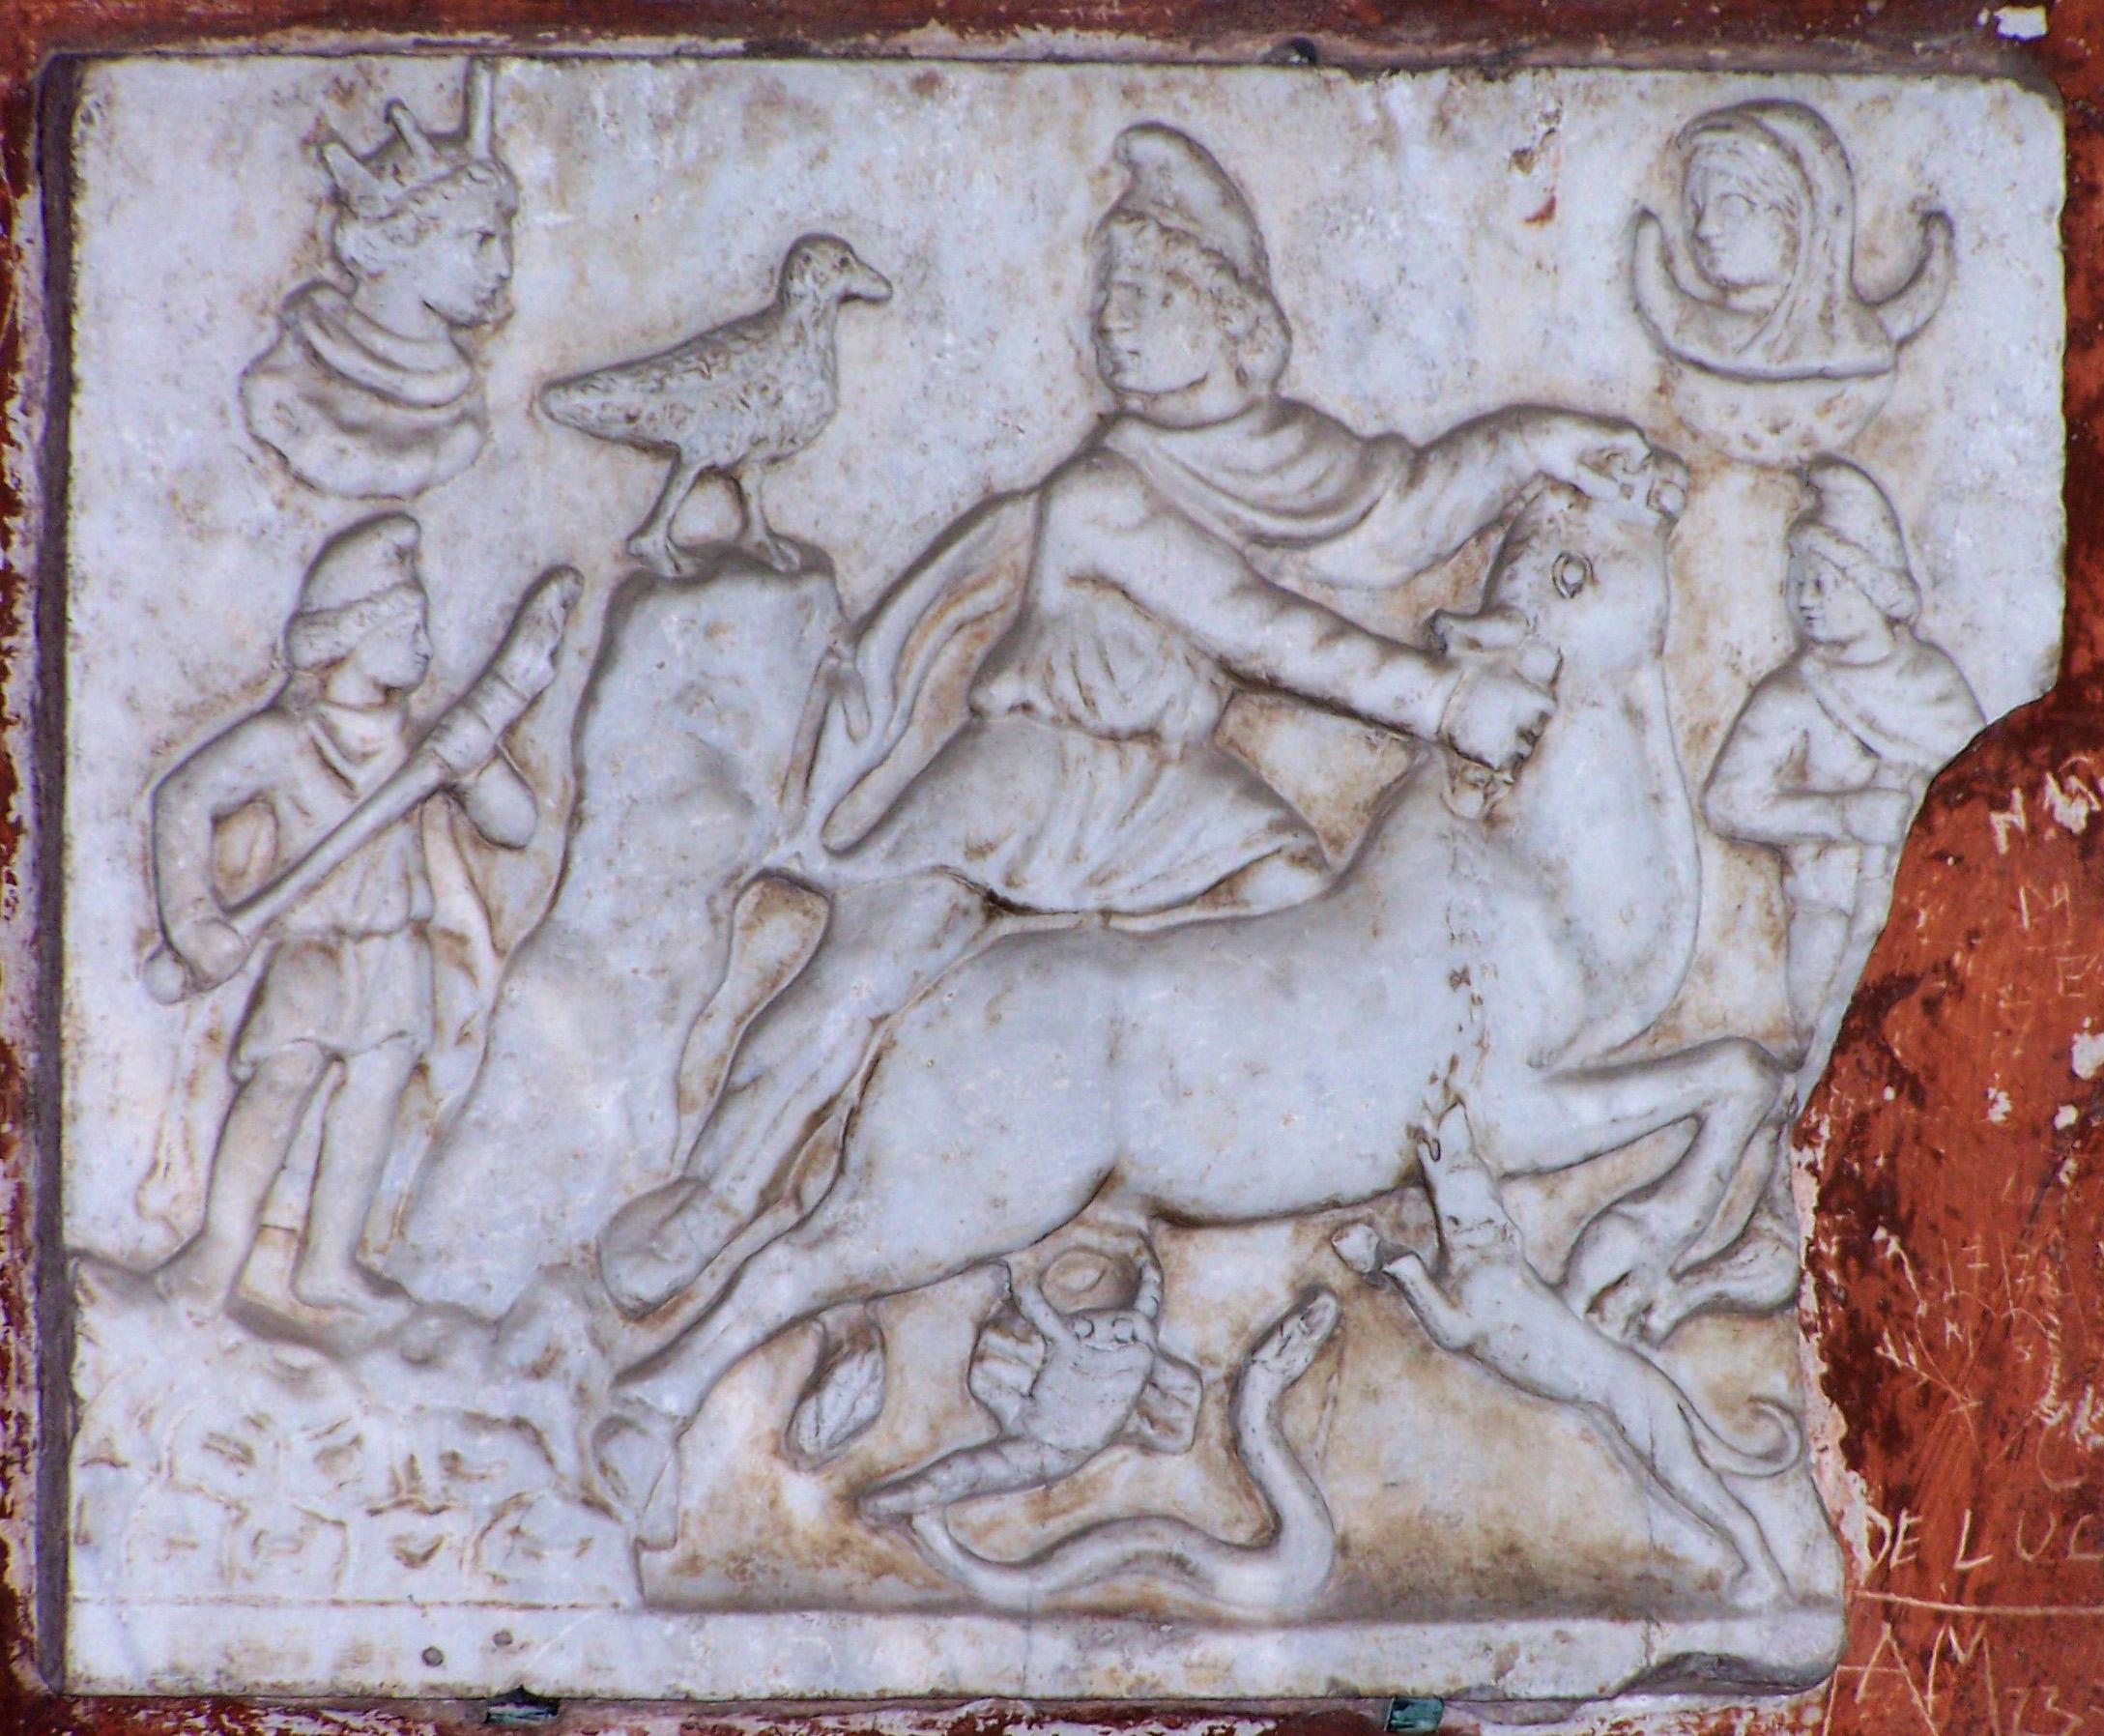 Foto 7: Mithrast kujutav reljeef Pisast (Itaalia) (foto: Jaan Lahe).